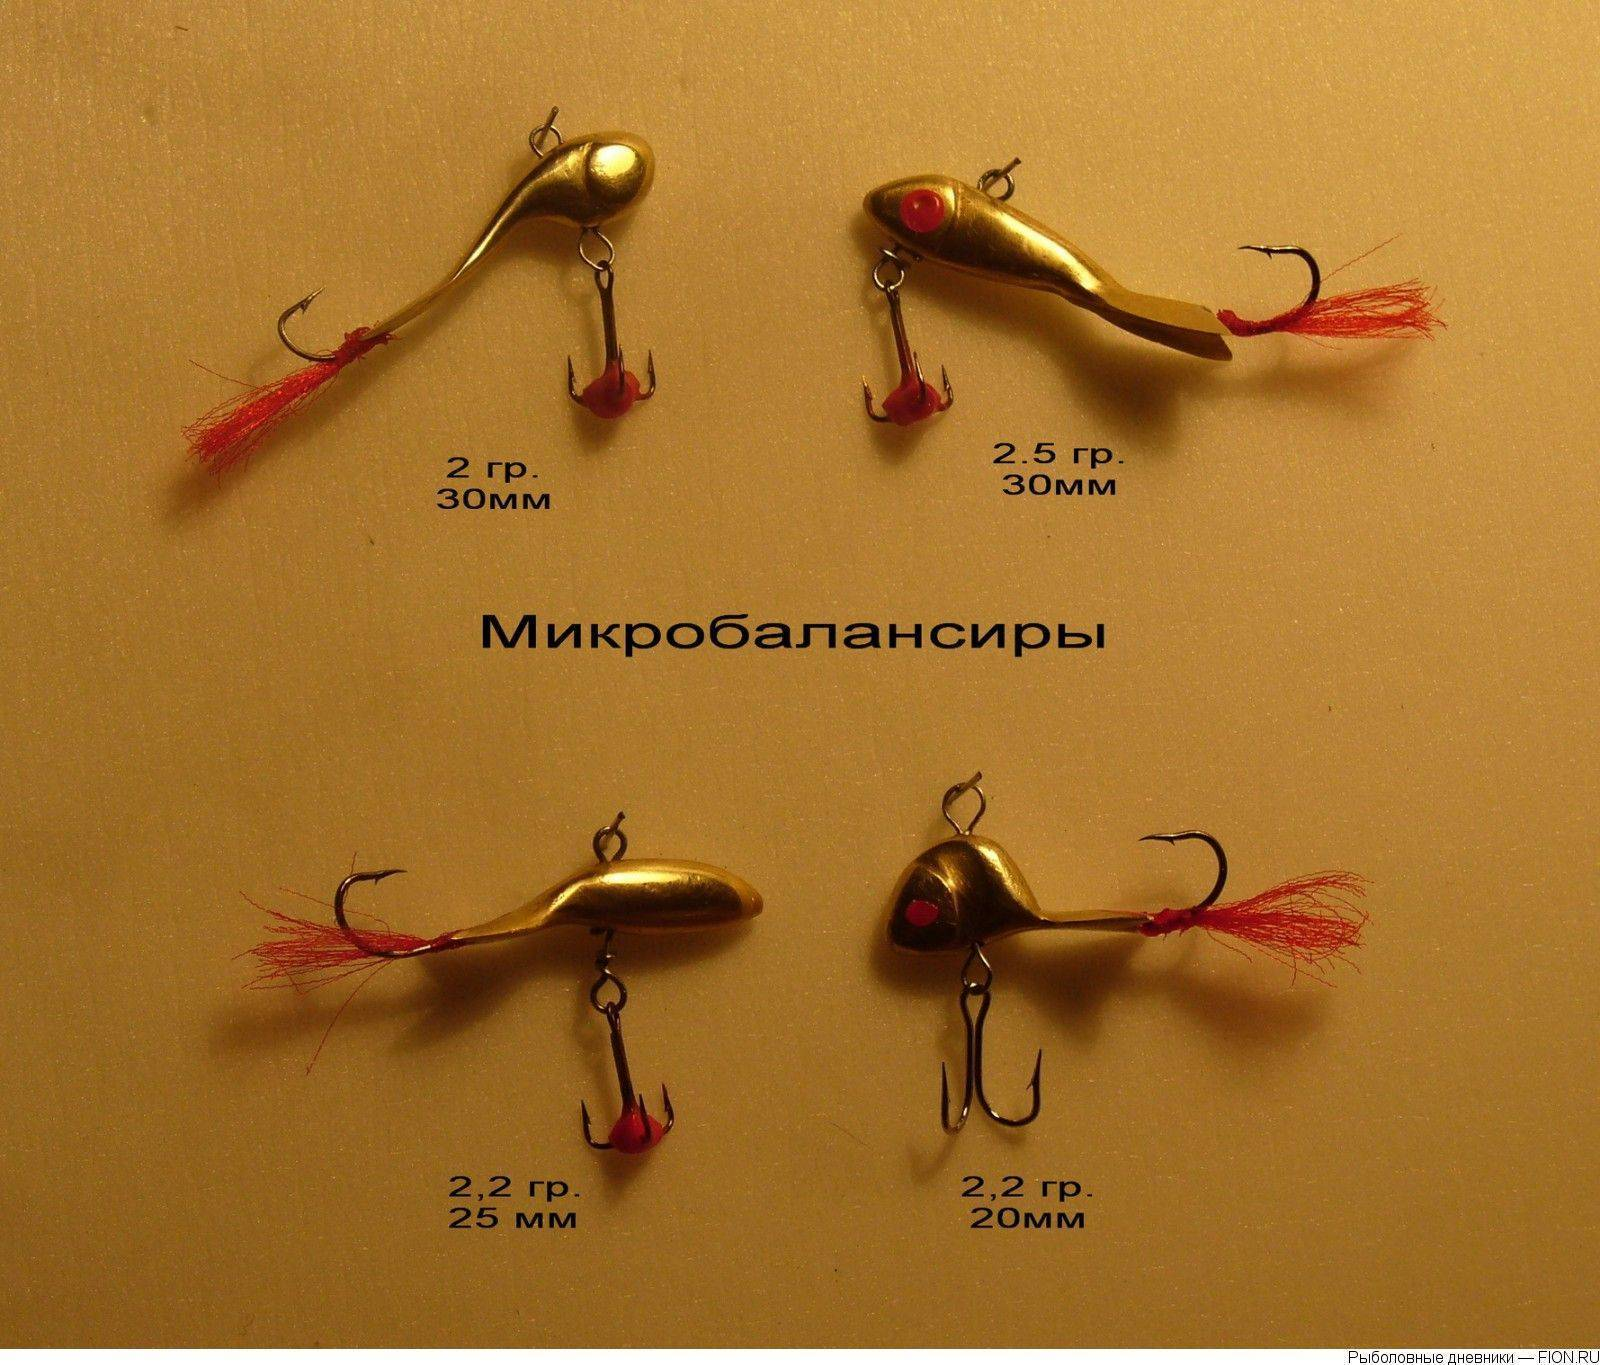 Изготовление самодельных балансиров для зимней рыбалки по шагам